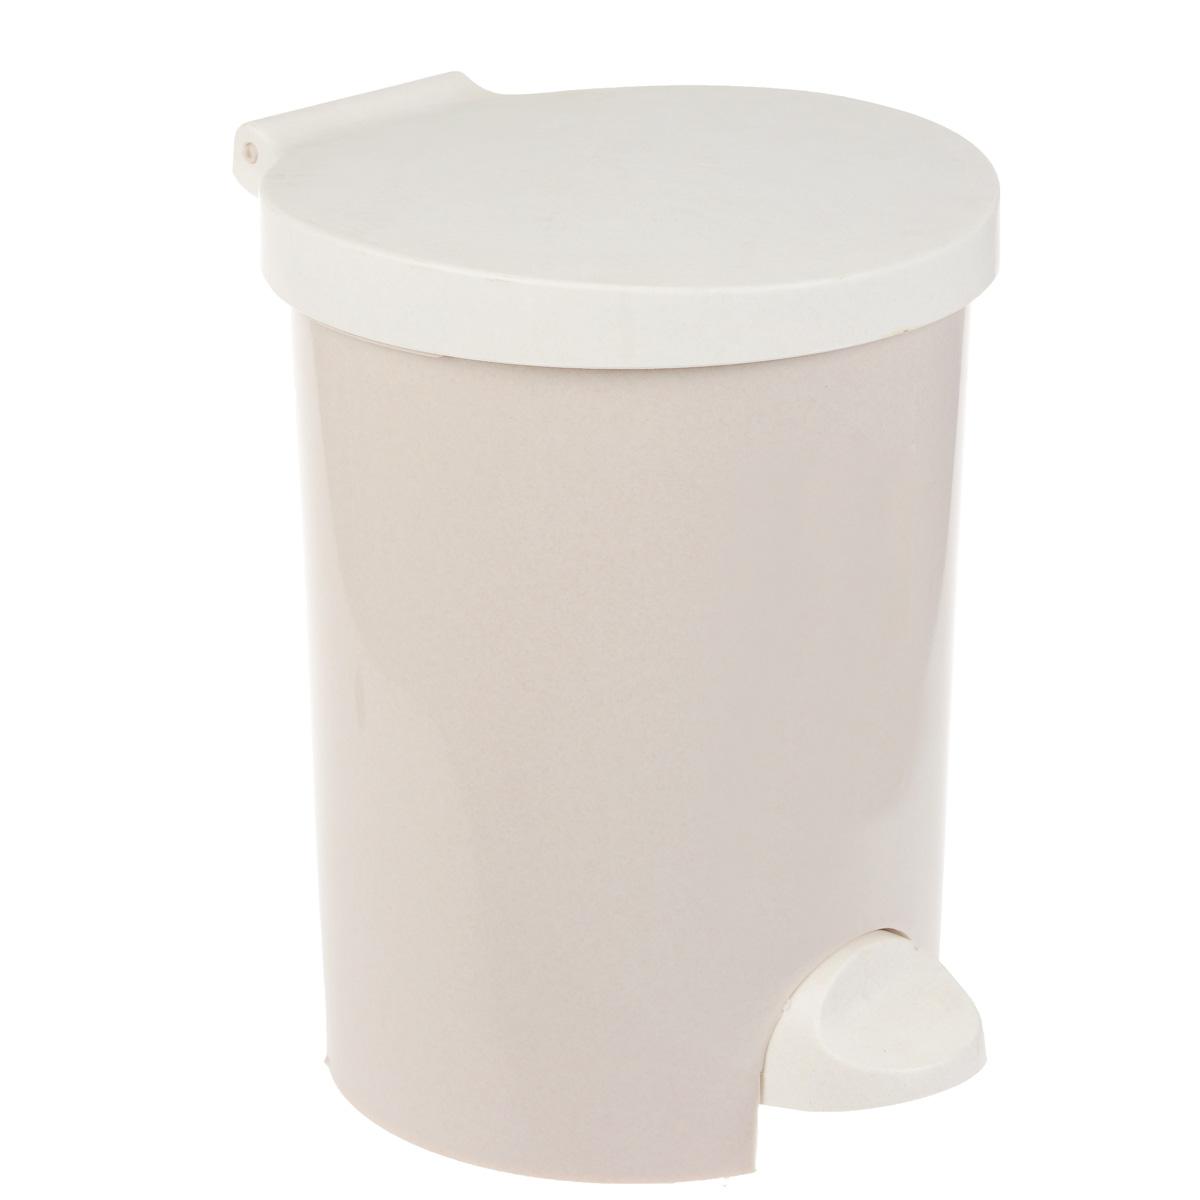 Контейнер для мусора Curver, с педалью, цвет: бежевый, 15 л4606400204268Контейнер для мусора Curver изготовлен из высококачественного пластика. Контейнер оснащен педалью, с помощью которой можно открыть крышку. Закрывается крышка бесшумно, плотно прилегает, предотвращая распространение запаха. Бороться с мелким мусором станет легко. Внутри ведро с ручкой, которое при необходимости можно достать из контейнера. Благодаря лаконичному дизайну такой контейнер идеально впишется в интерьер и дома, и офиса.